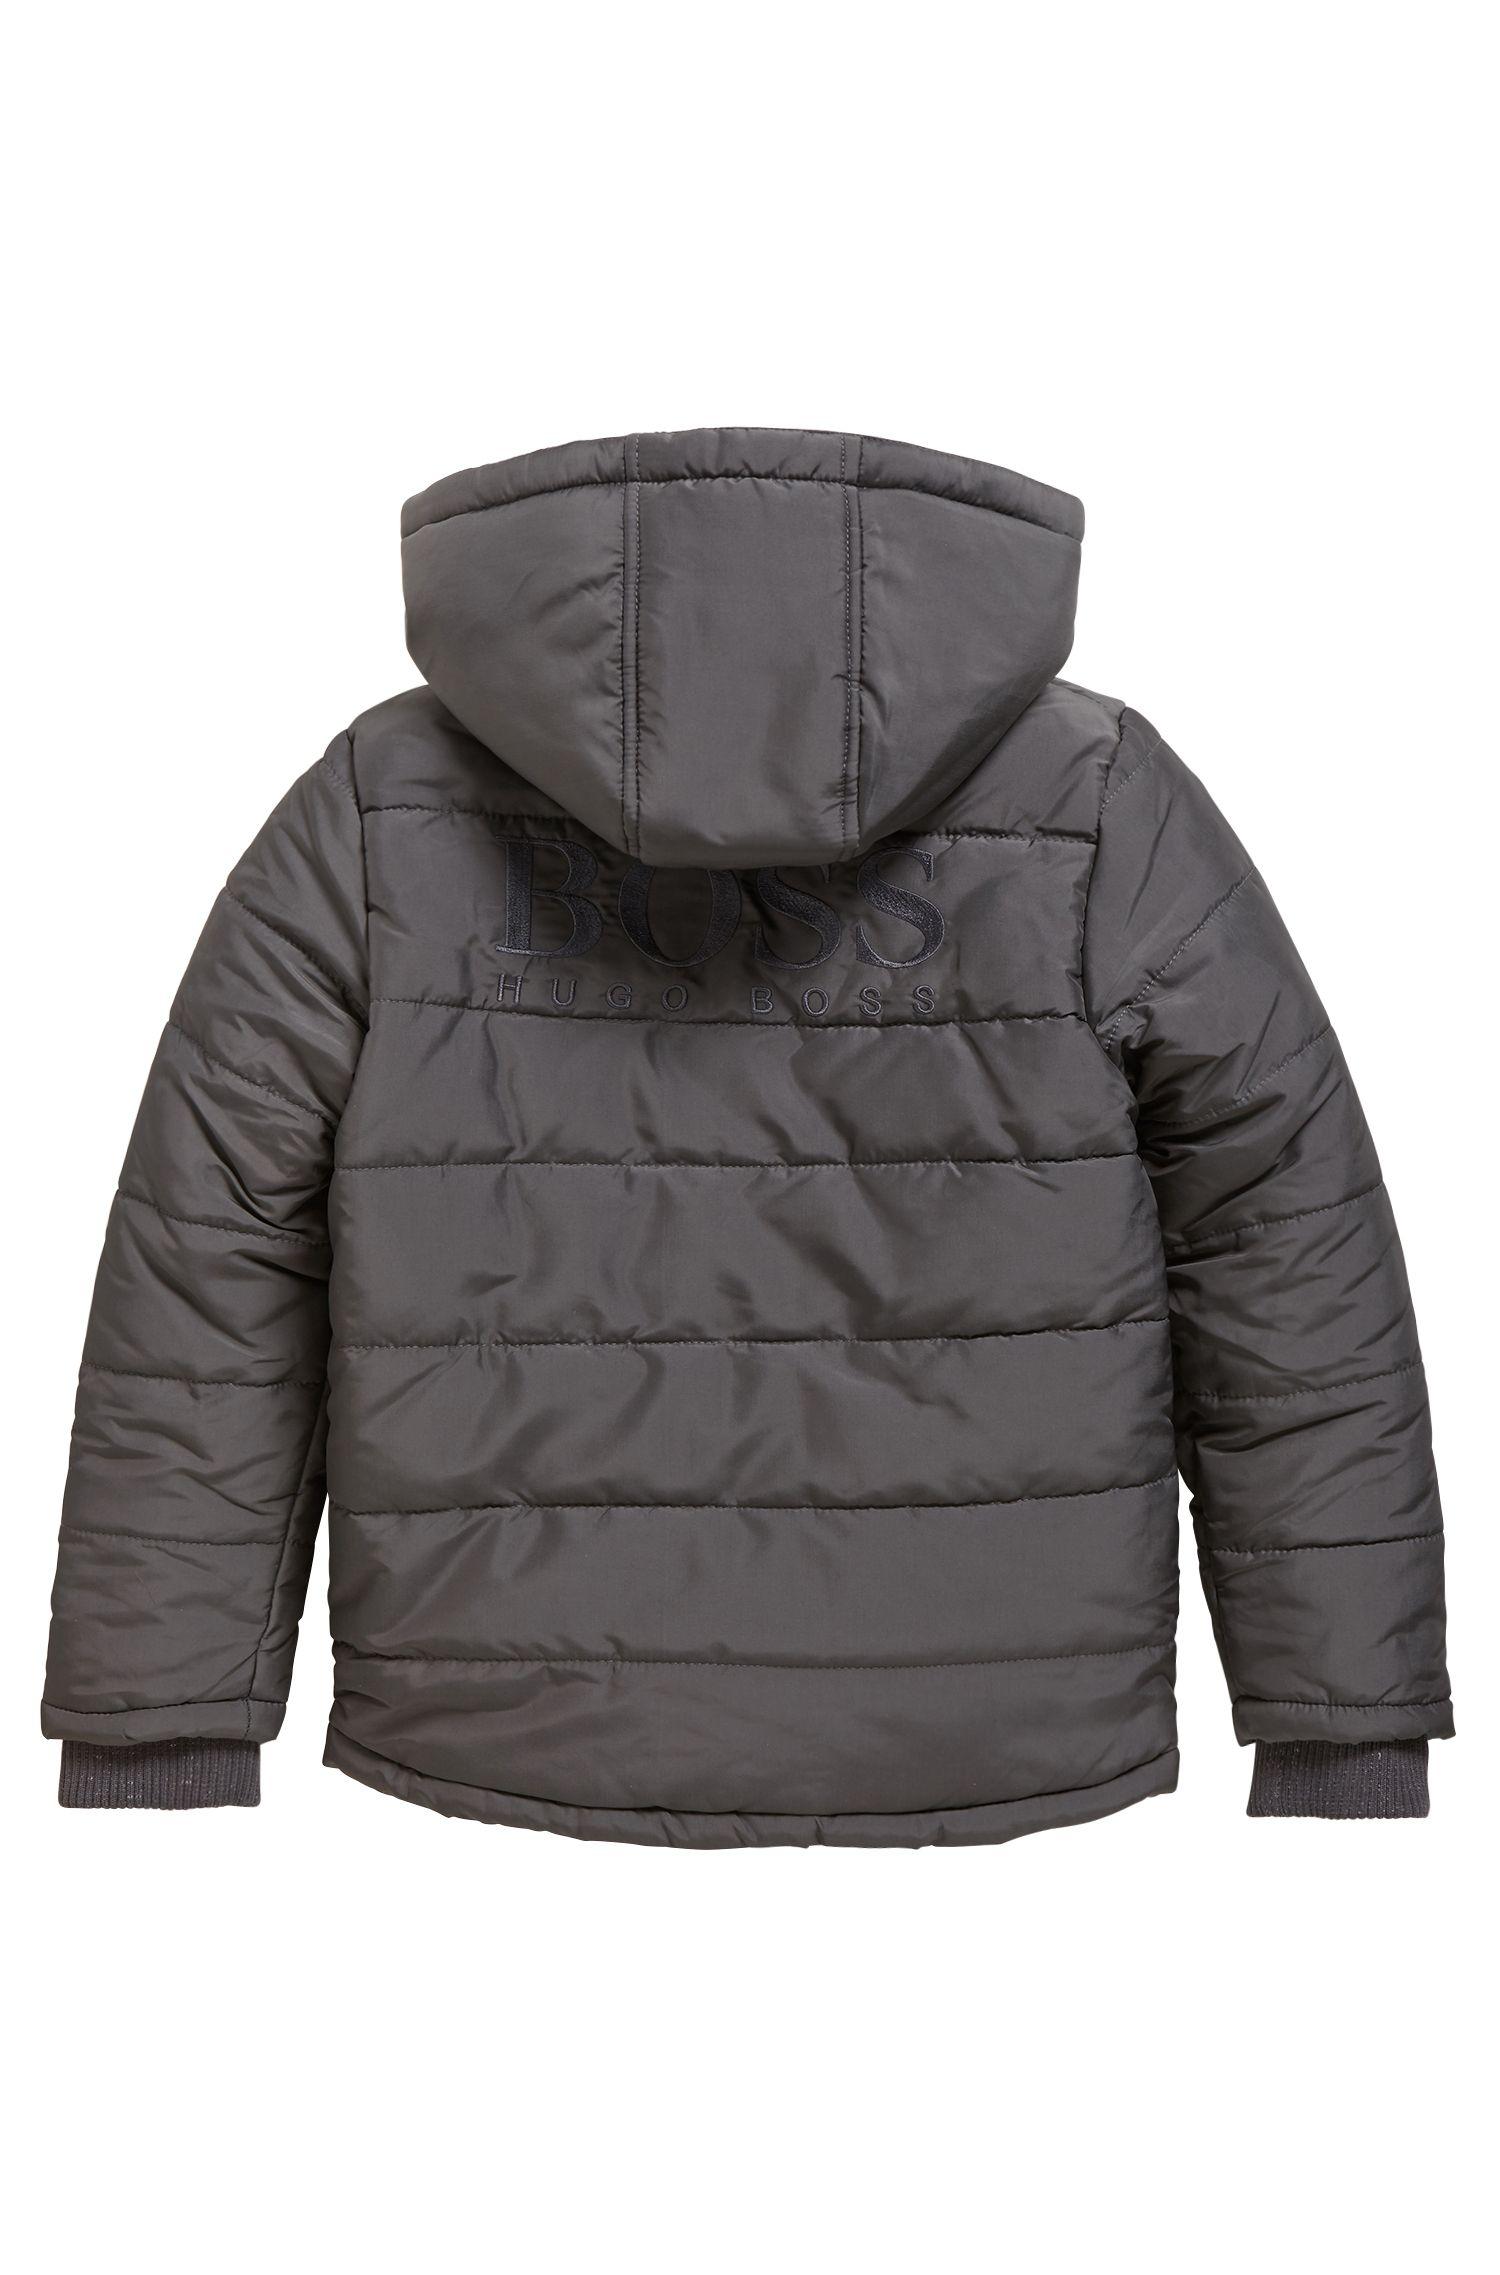 Veste matelassée pour enfant à capuche amovible, Anthracite